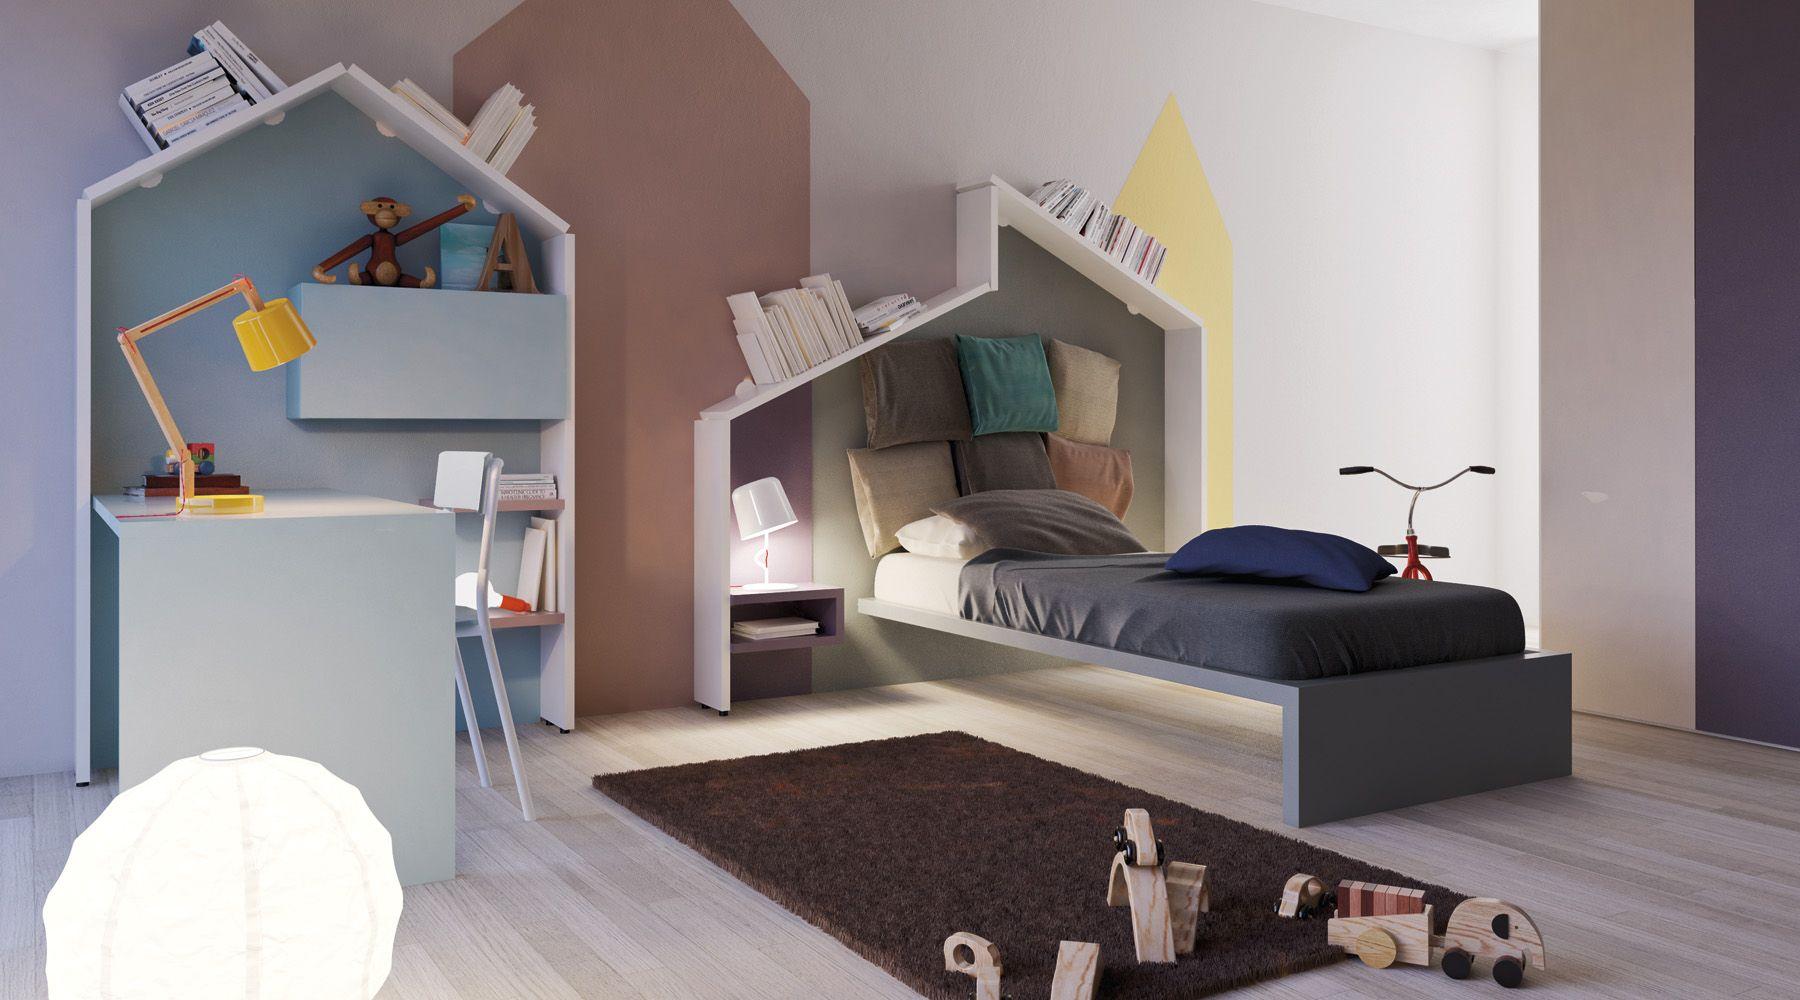 chambre enfant - déco de mur colorée - facile et bluffante | Deco ...